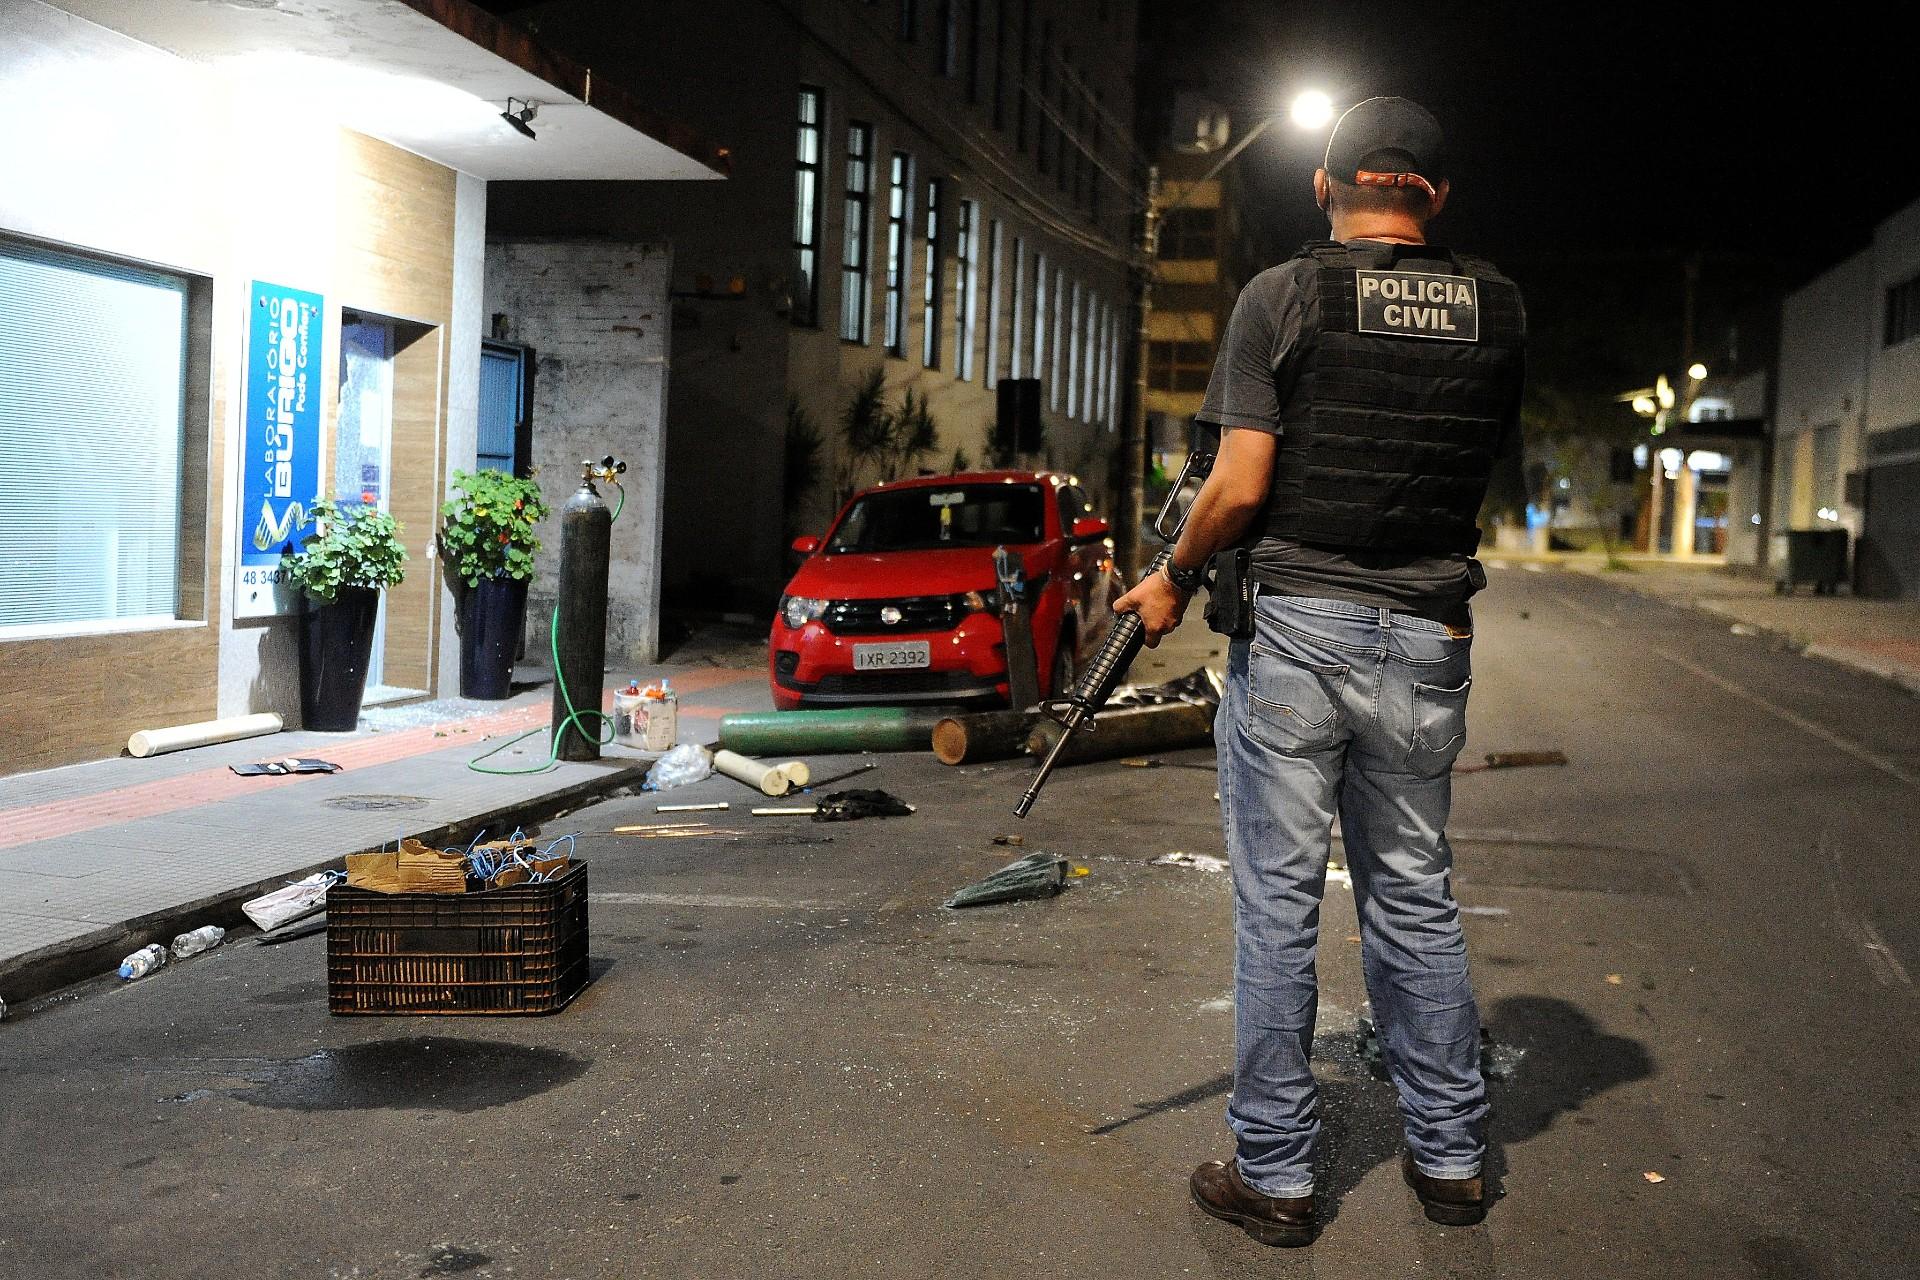 Noite de terror em Criciúma